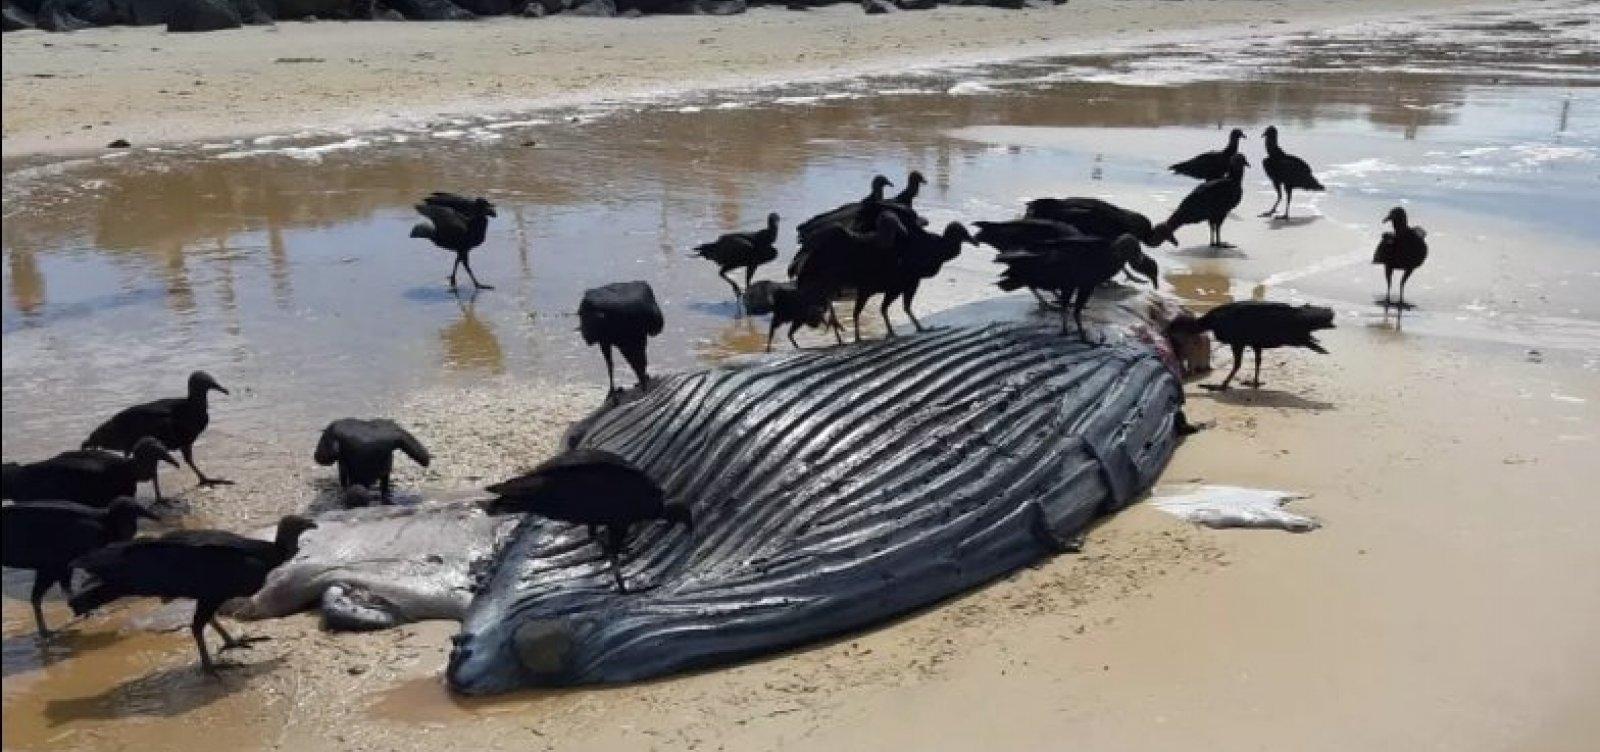 [Filhote de baleia jubarte é encontrado morto em Porto Seguro]